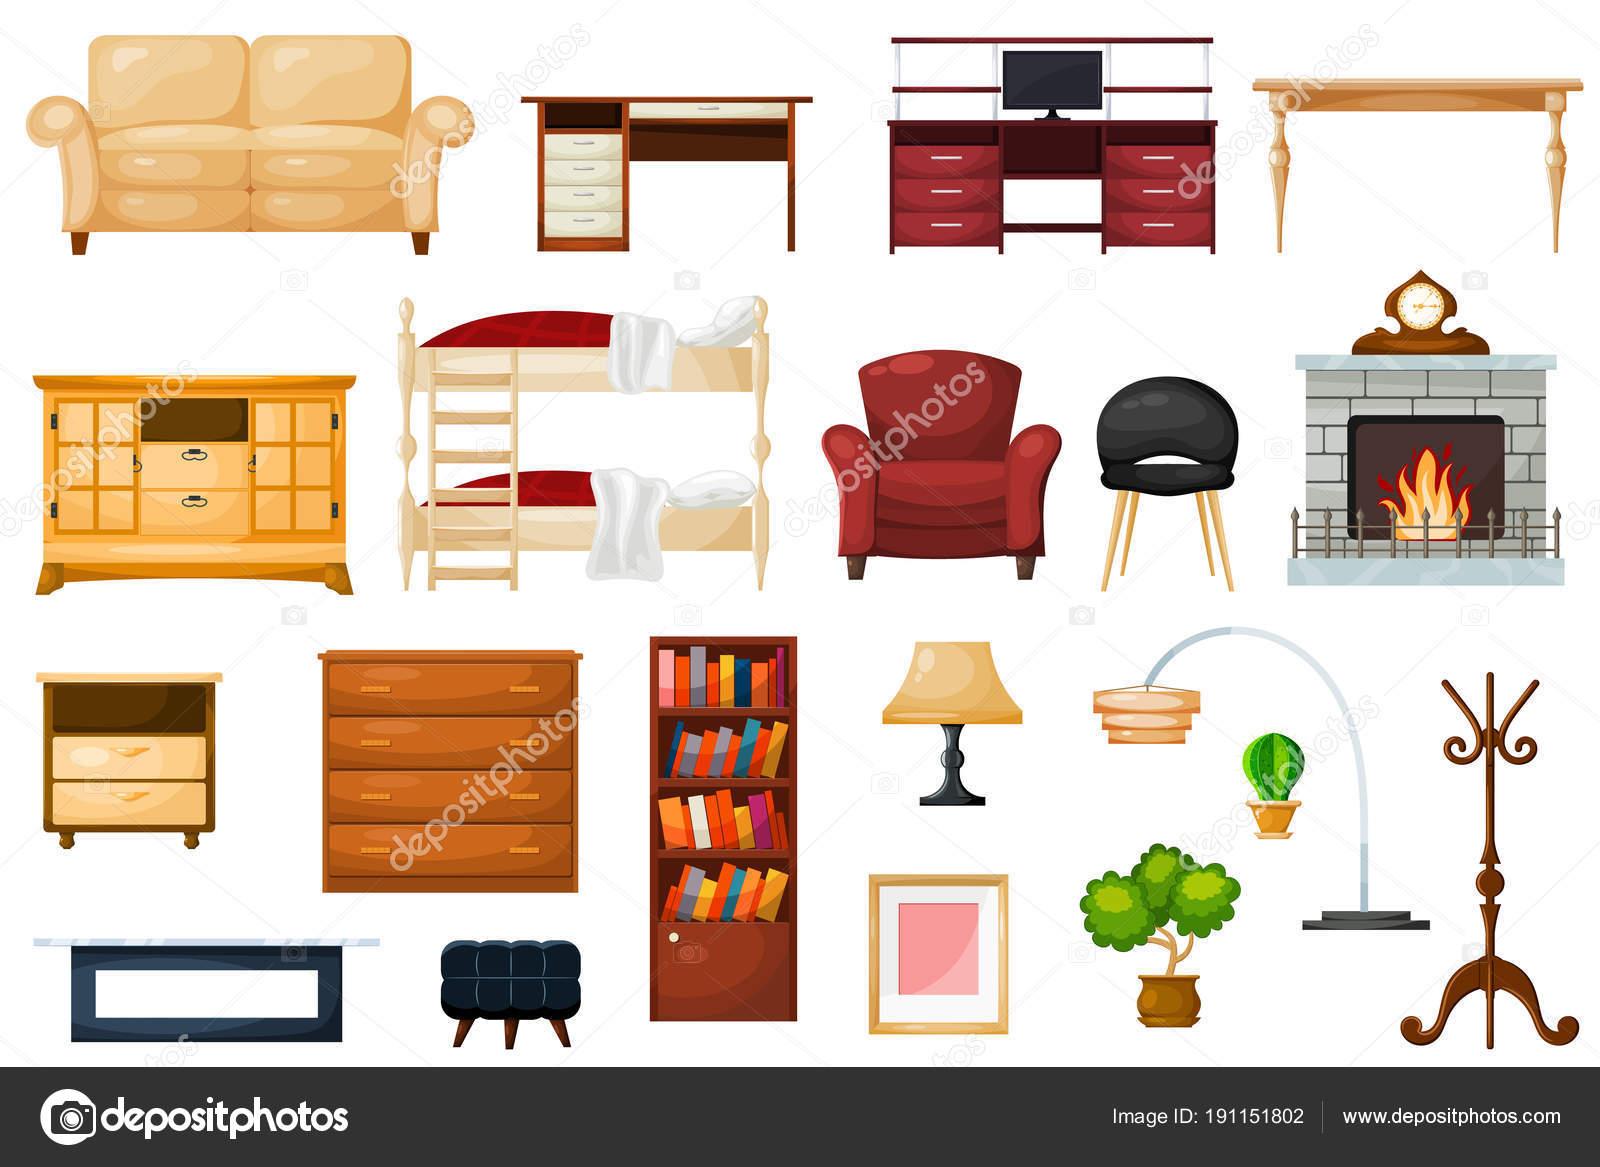 del mobiliario vector muebles de salón y amueblado interior en ...